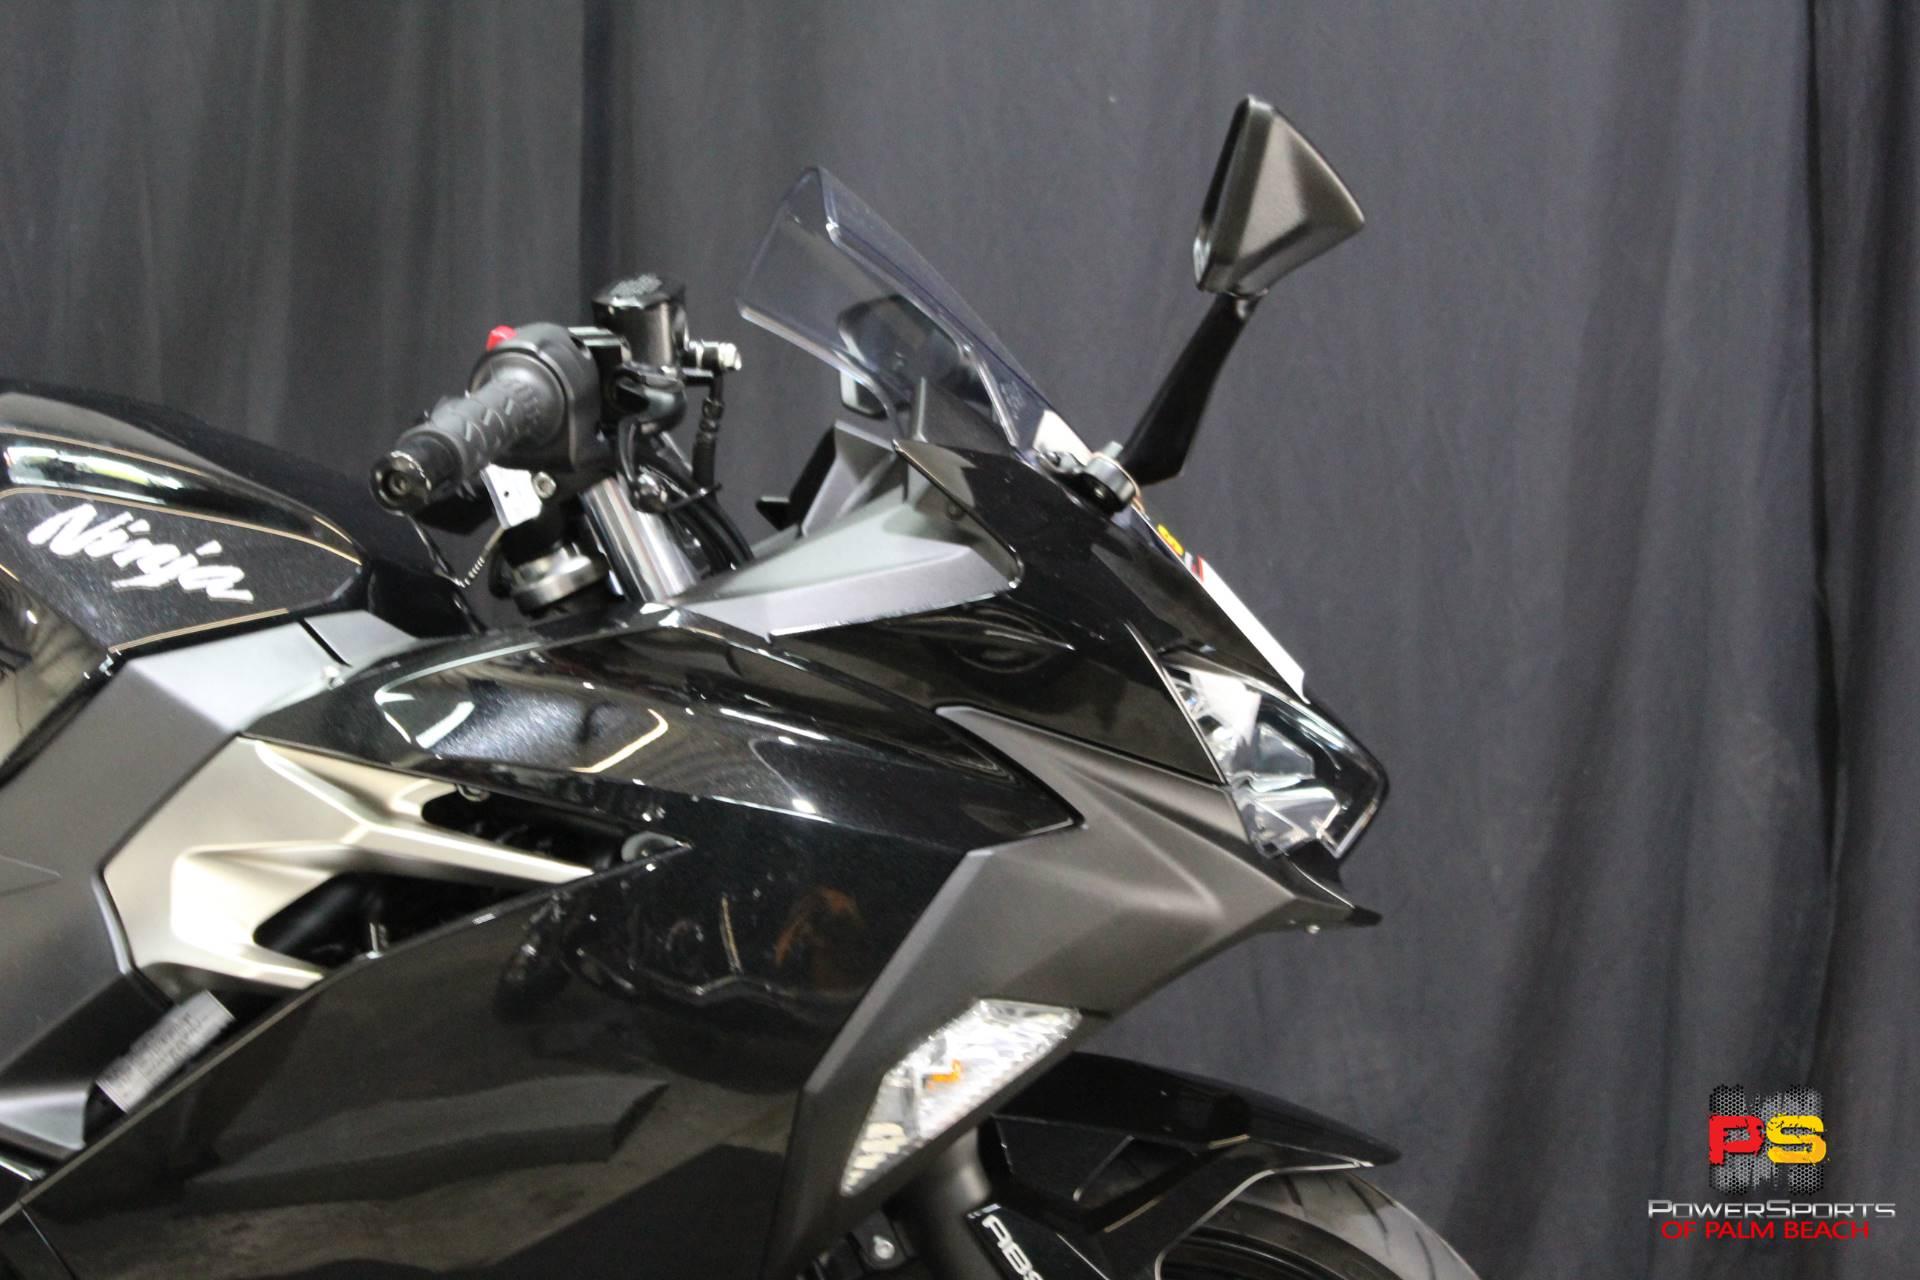 2018 Kawasaki Ninja 400 ABS 7